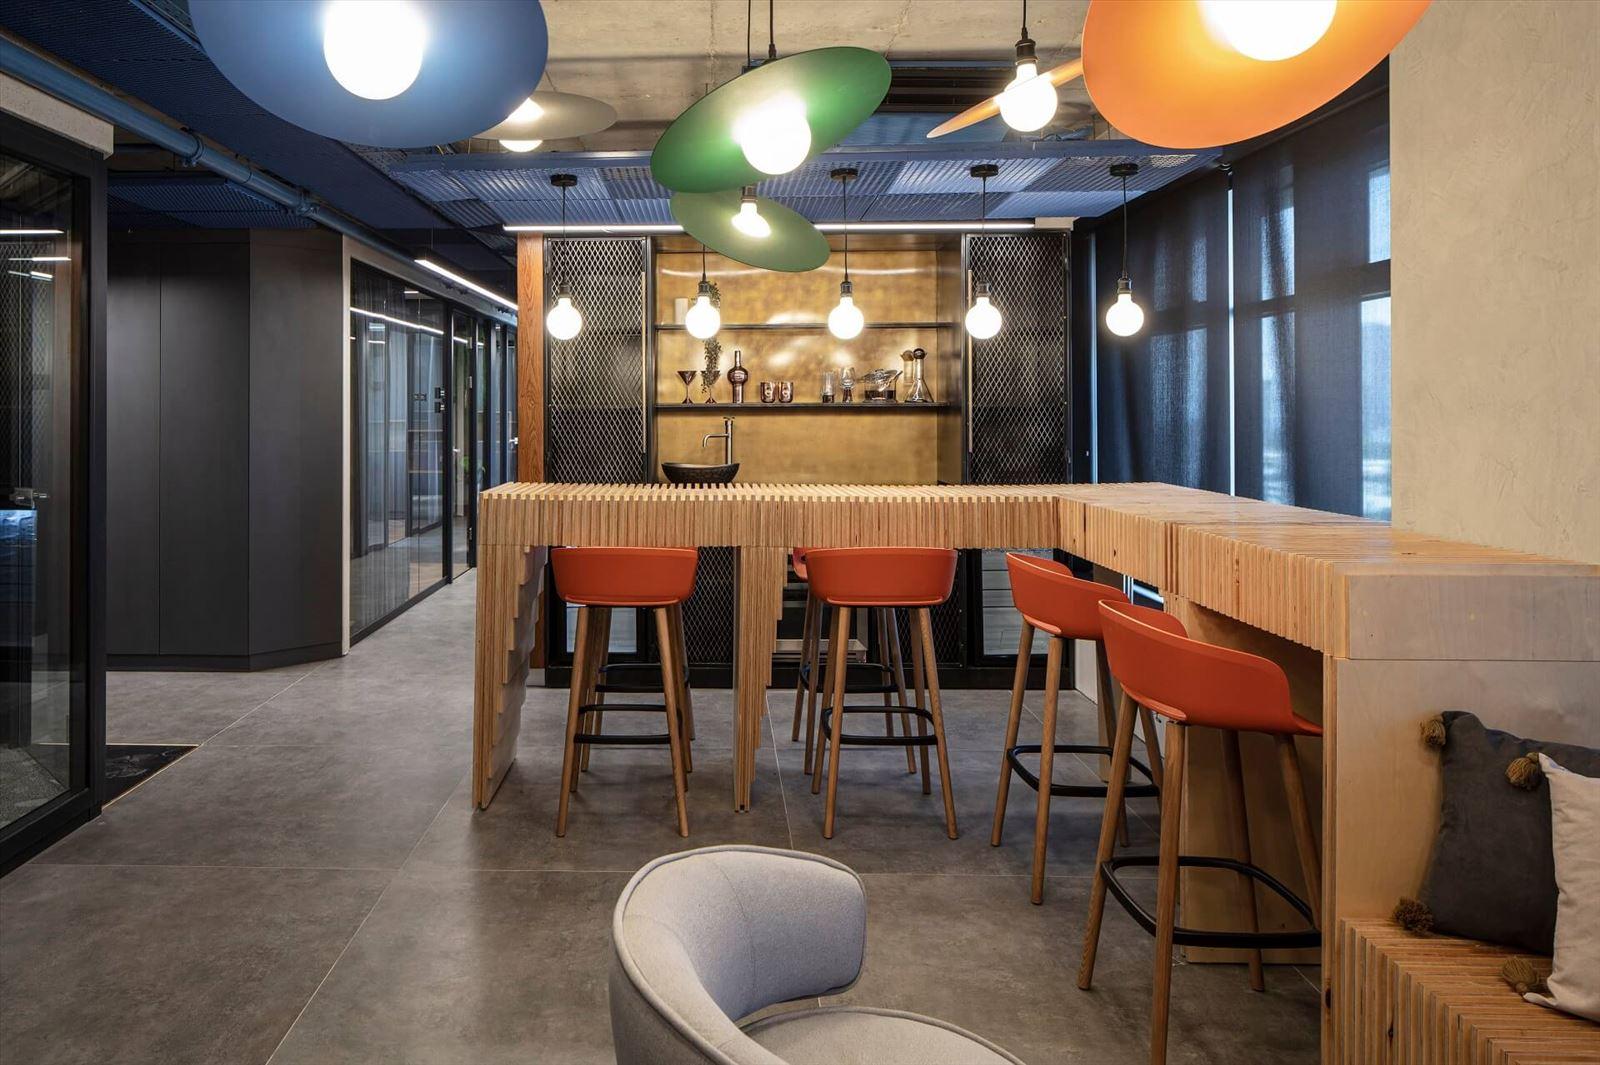 תאורה תלוי מדהימה במשרדי מזרחי ובניו מבית קמחי תאורה